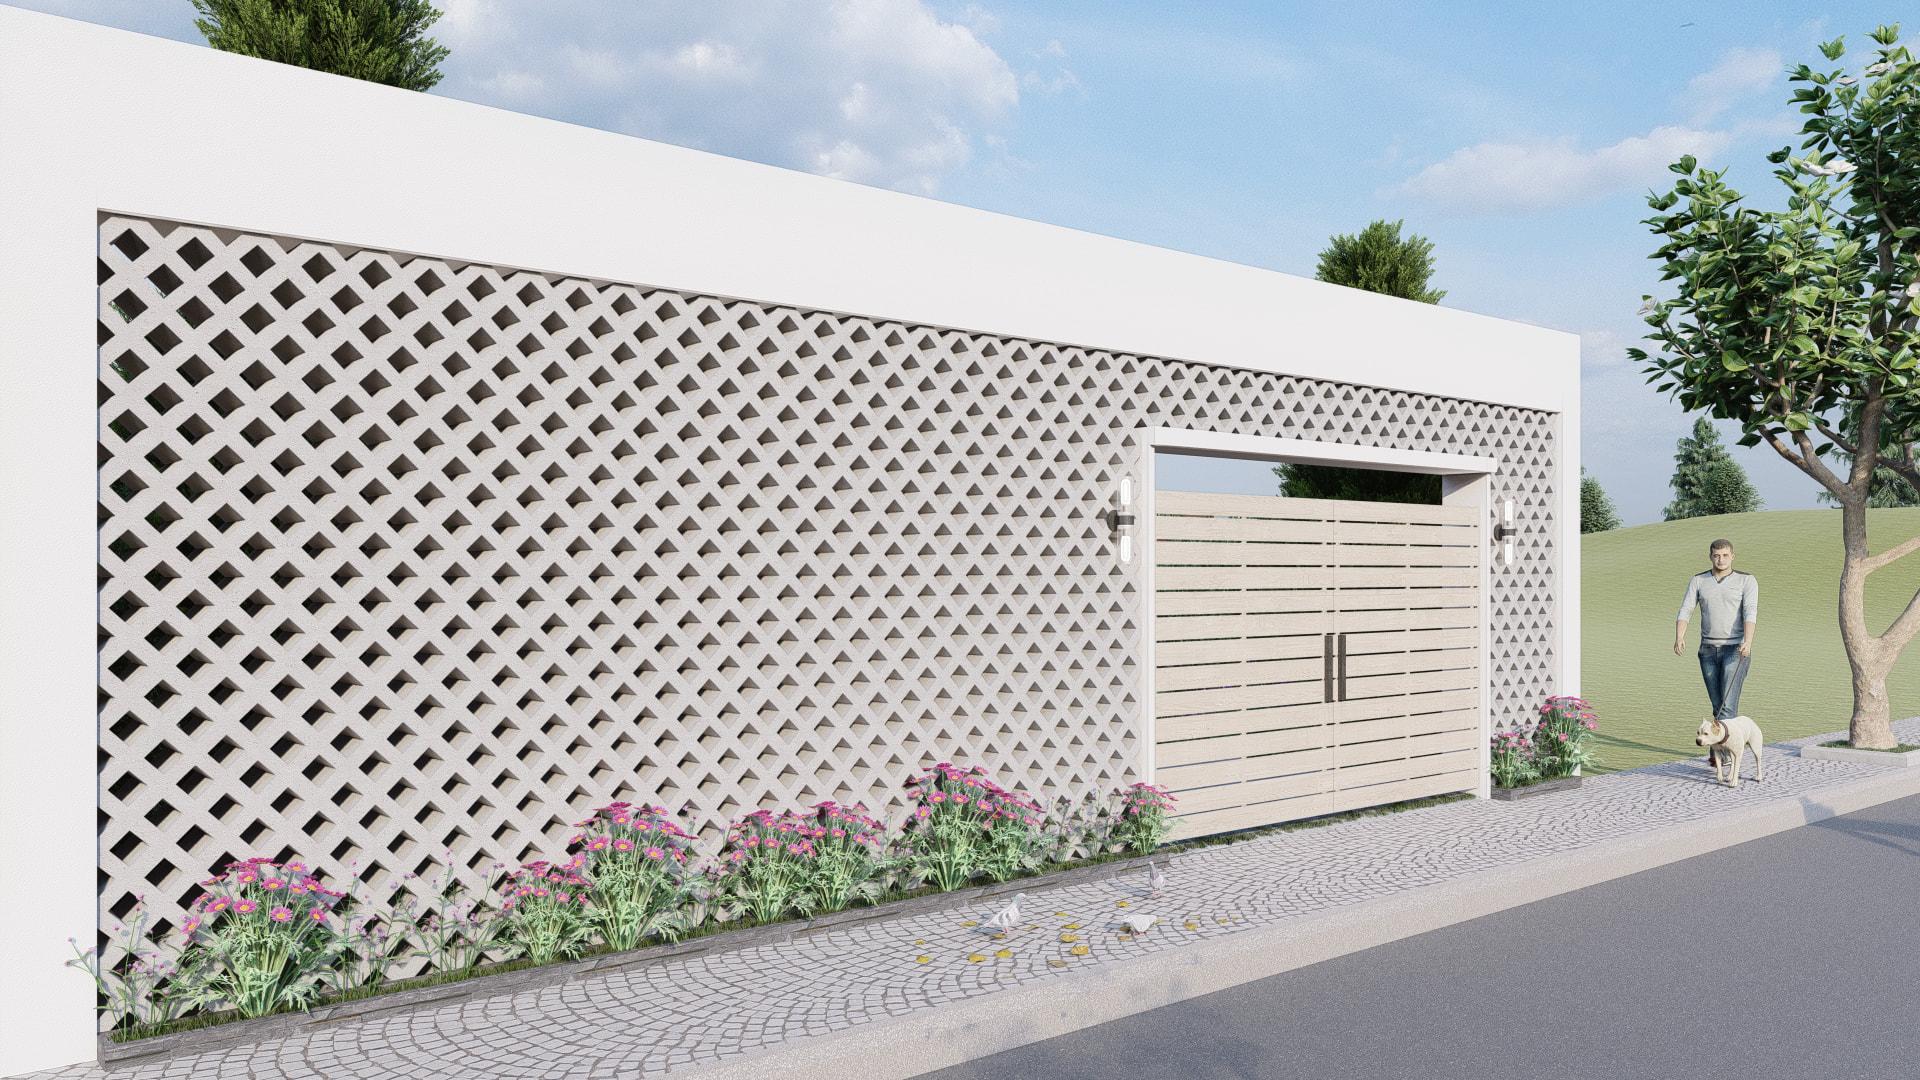 thiết kế Nhà tại Đồng Nai NHÀ SINH HOẠT TUẦN ,NGHĨ DƯỠNG  27 1557156717